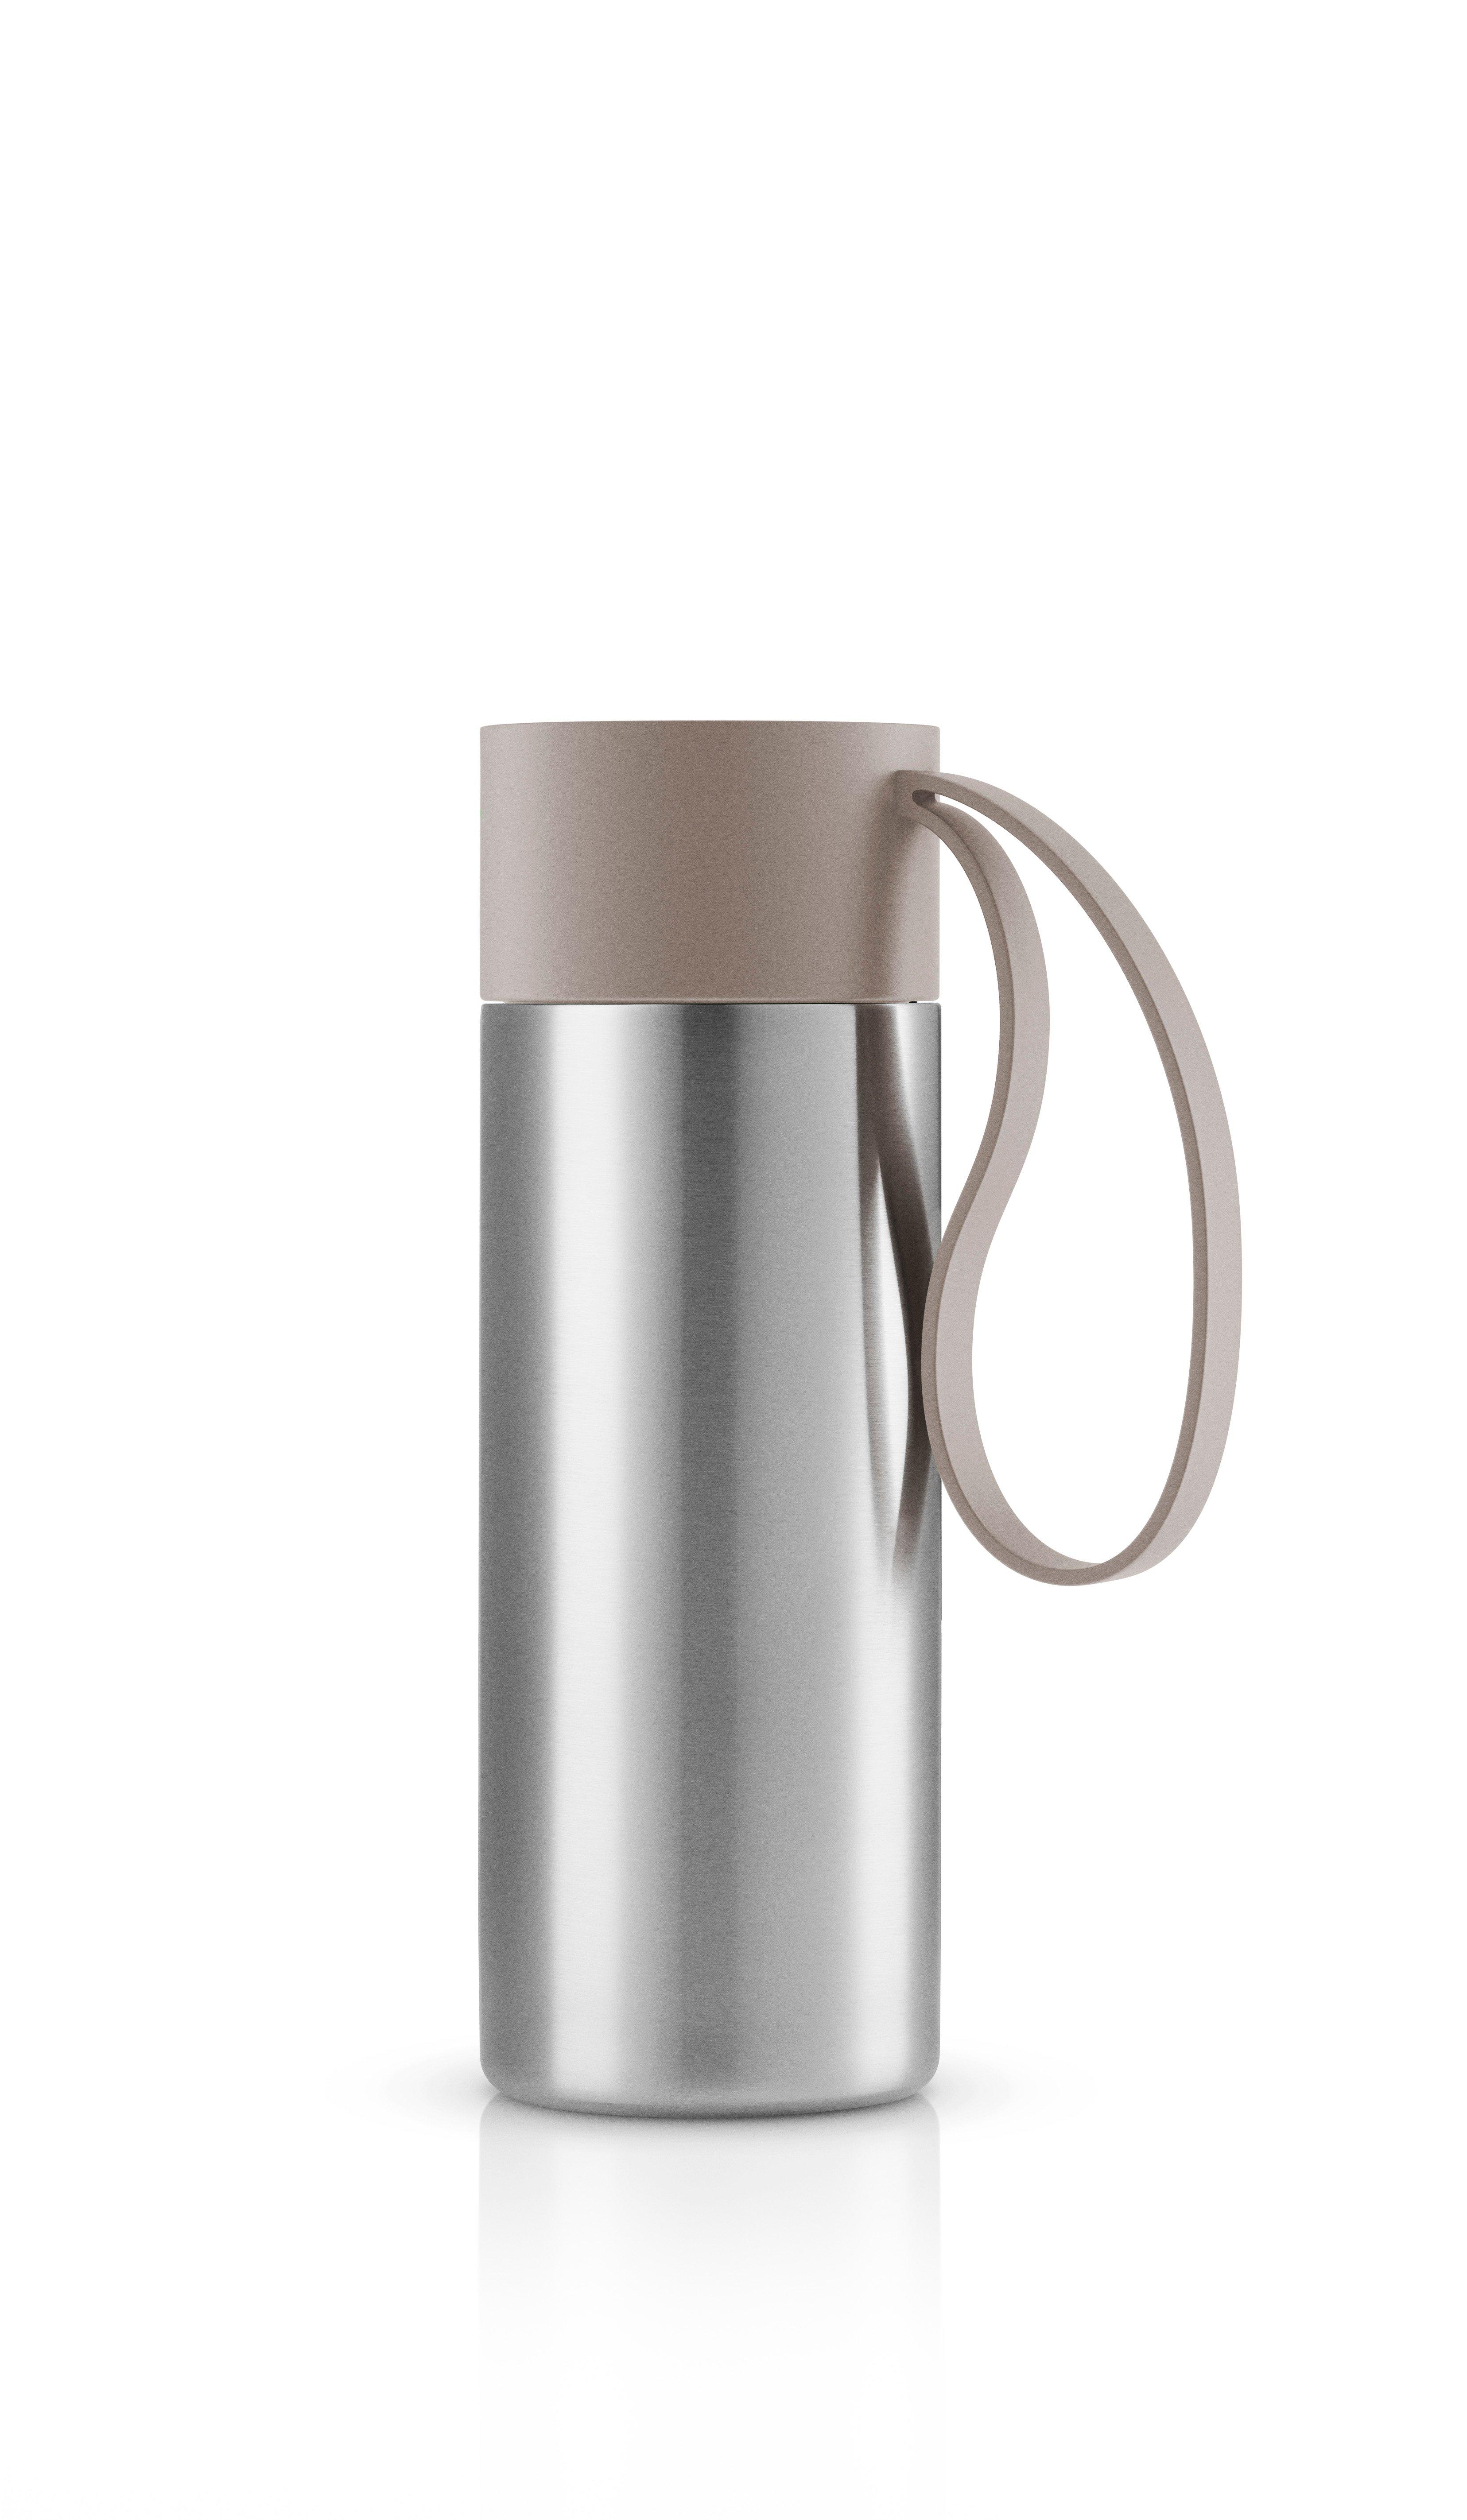 Eva Solo - To Go Cup 0,35 L - Warm Grey (567448)